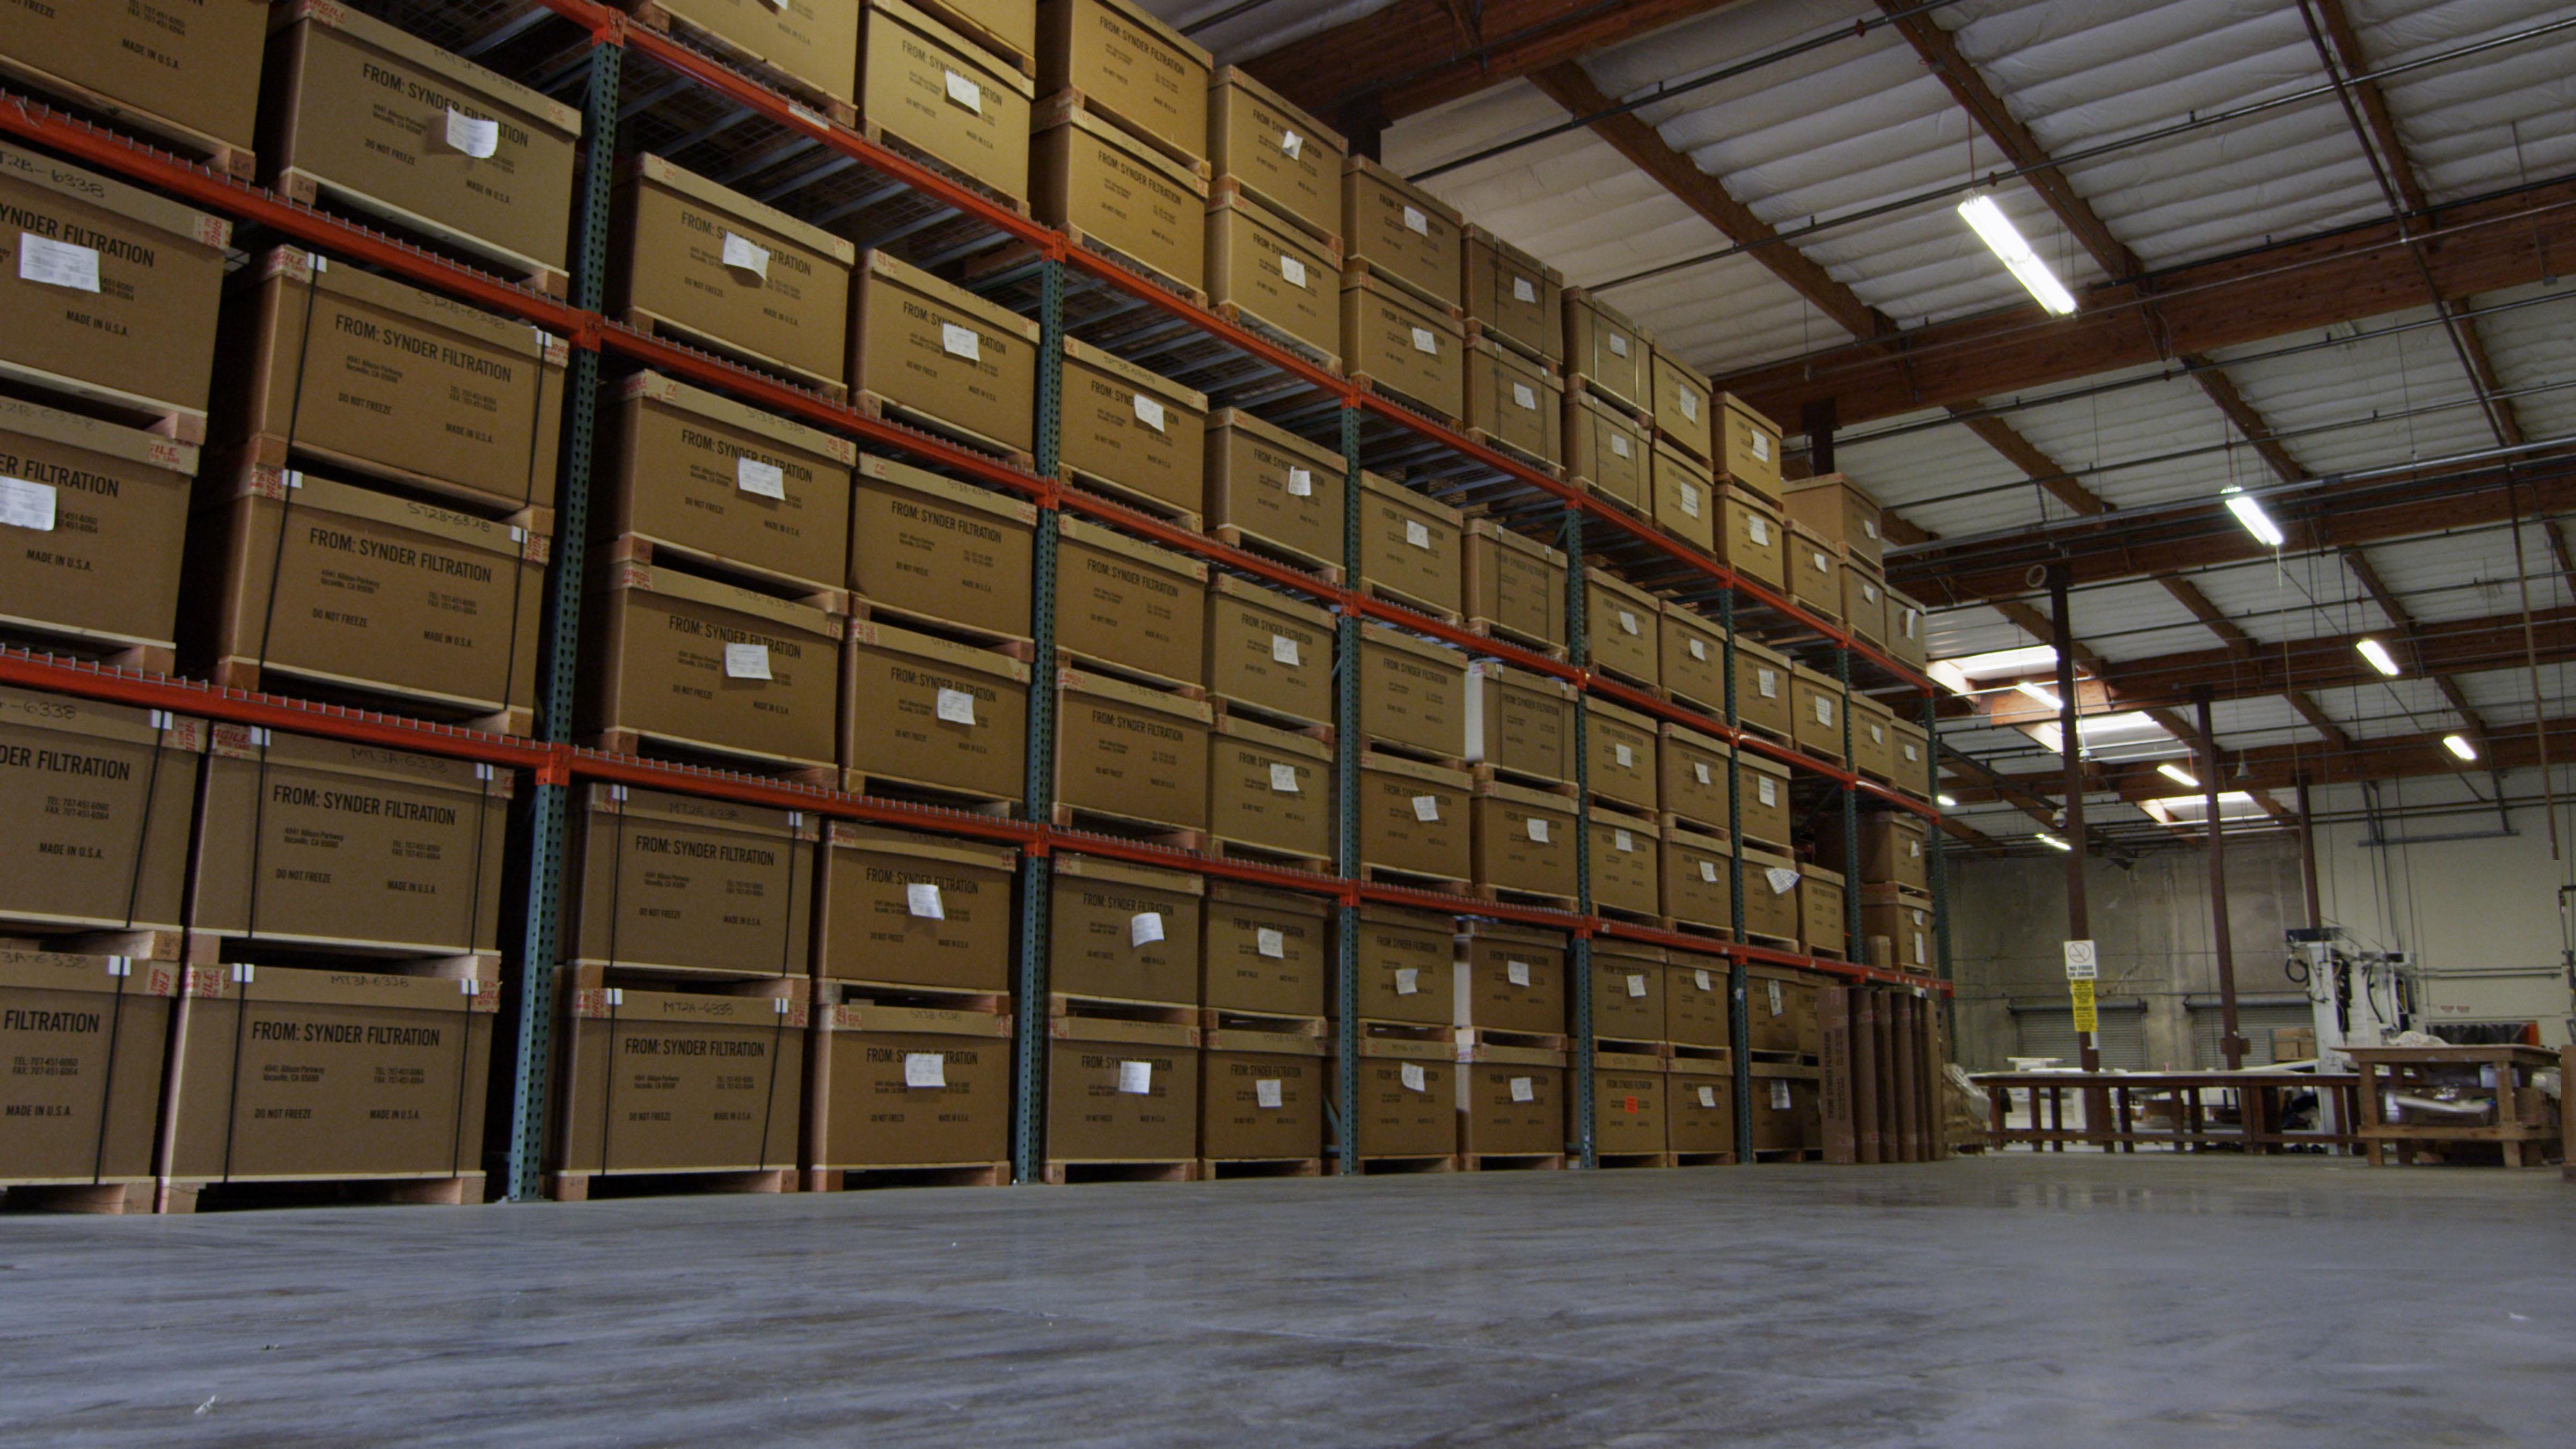 MF - Fully Stocked Inventory